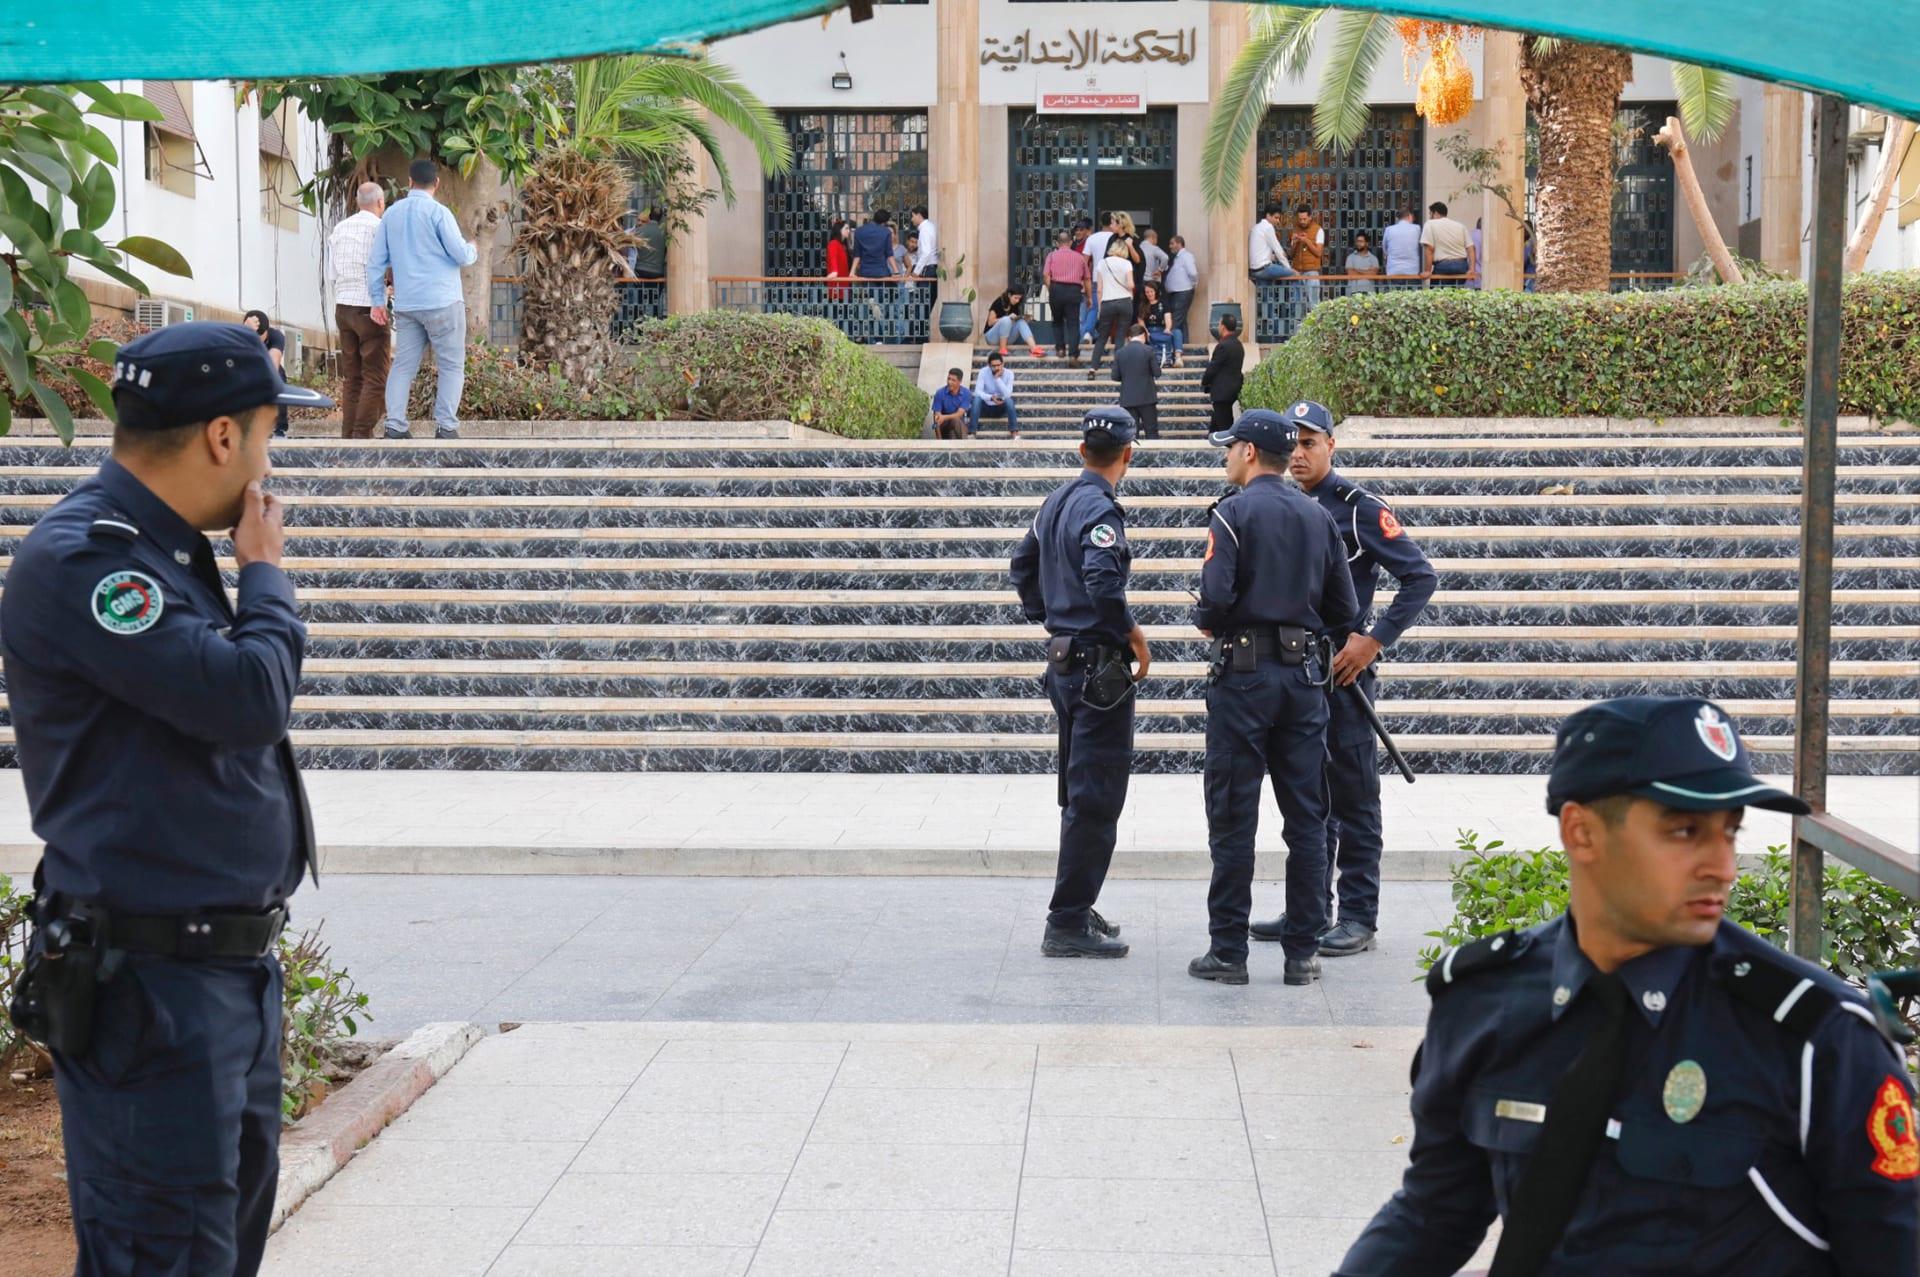 المغرب: توقيف شخص نشر فيديو وهو يضرب سيدة عارية ومكبلة